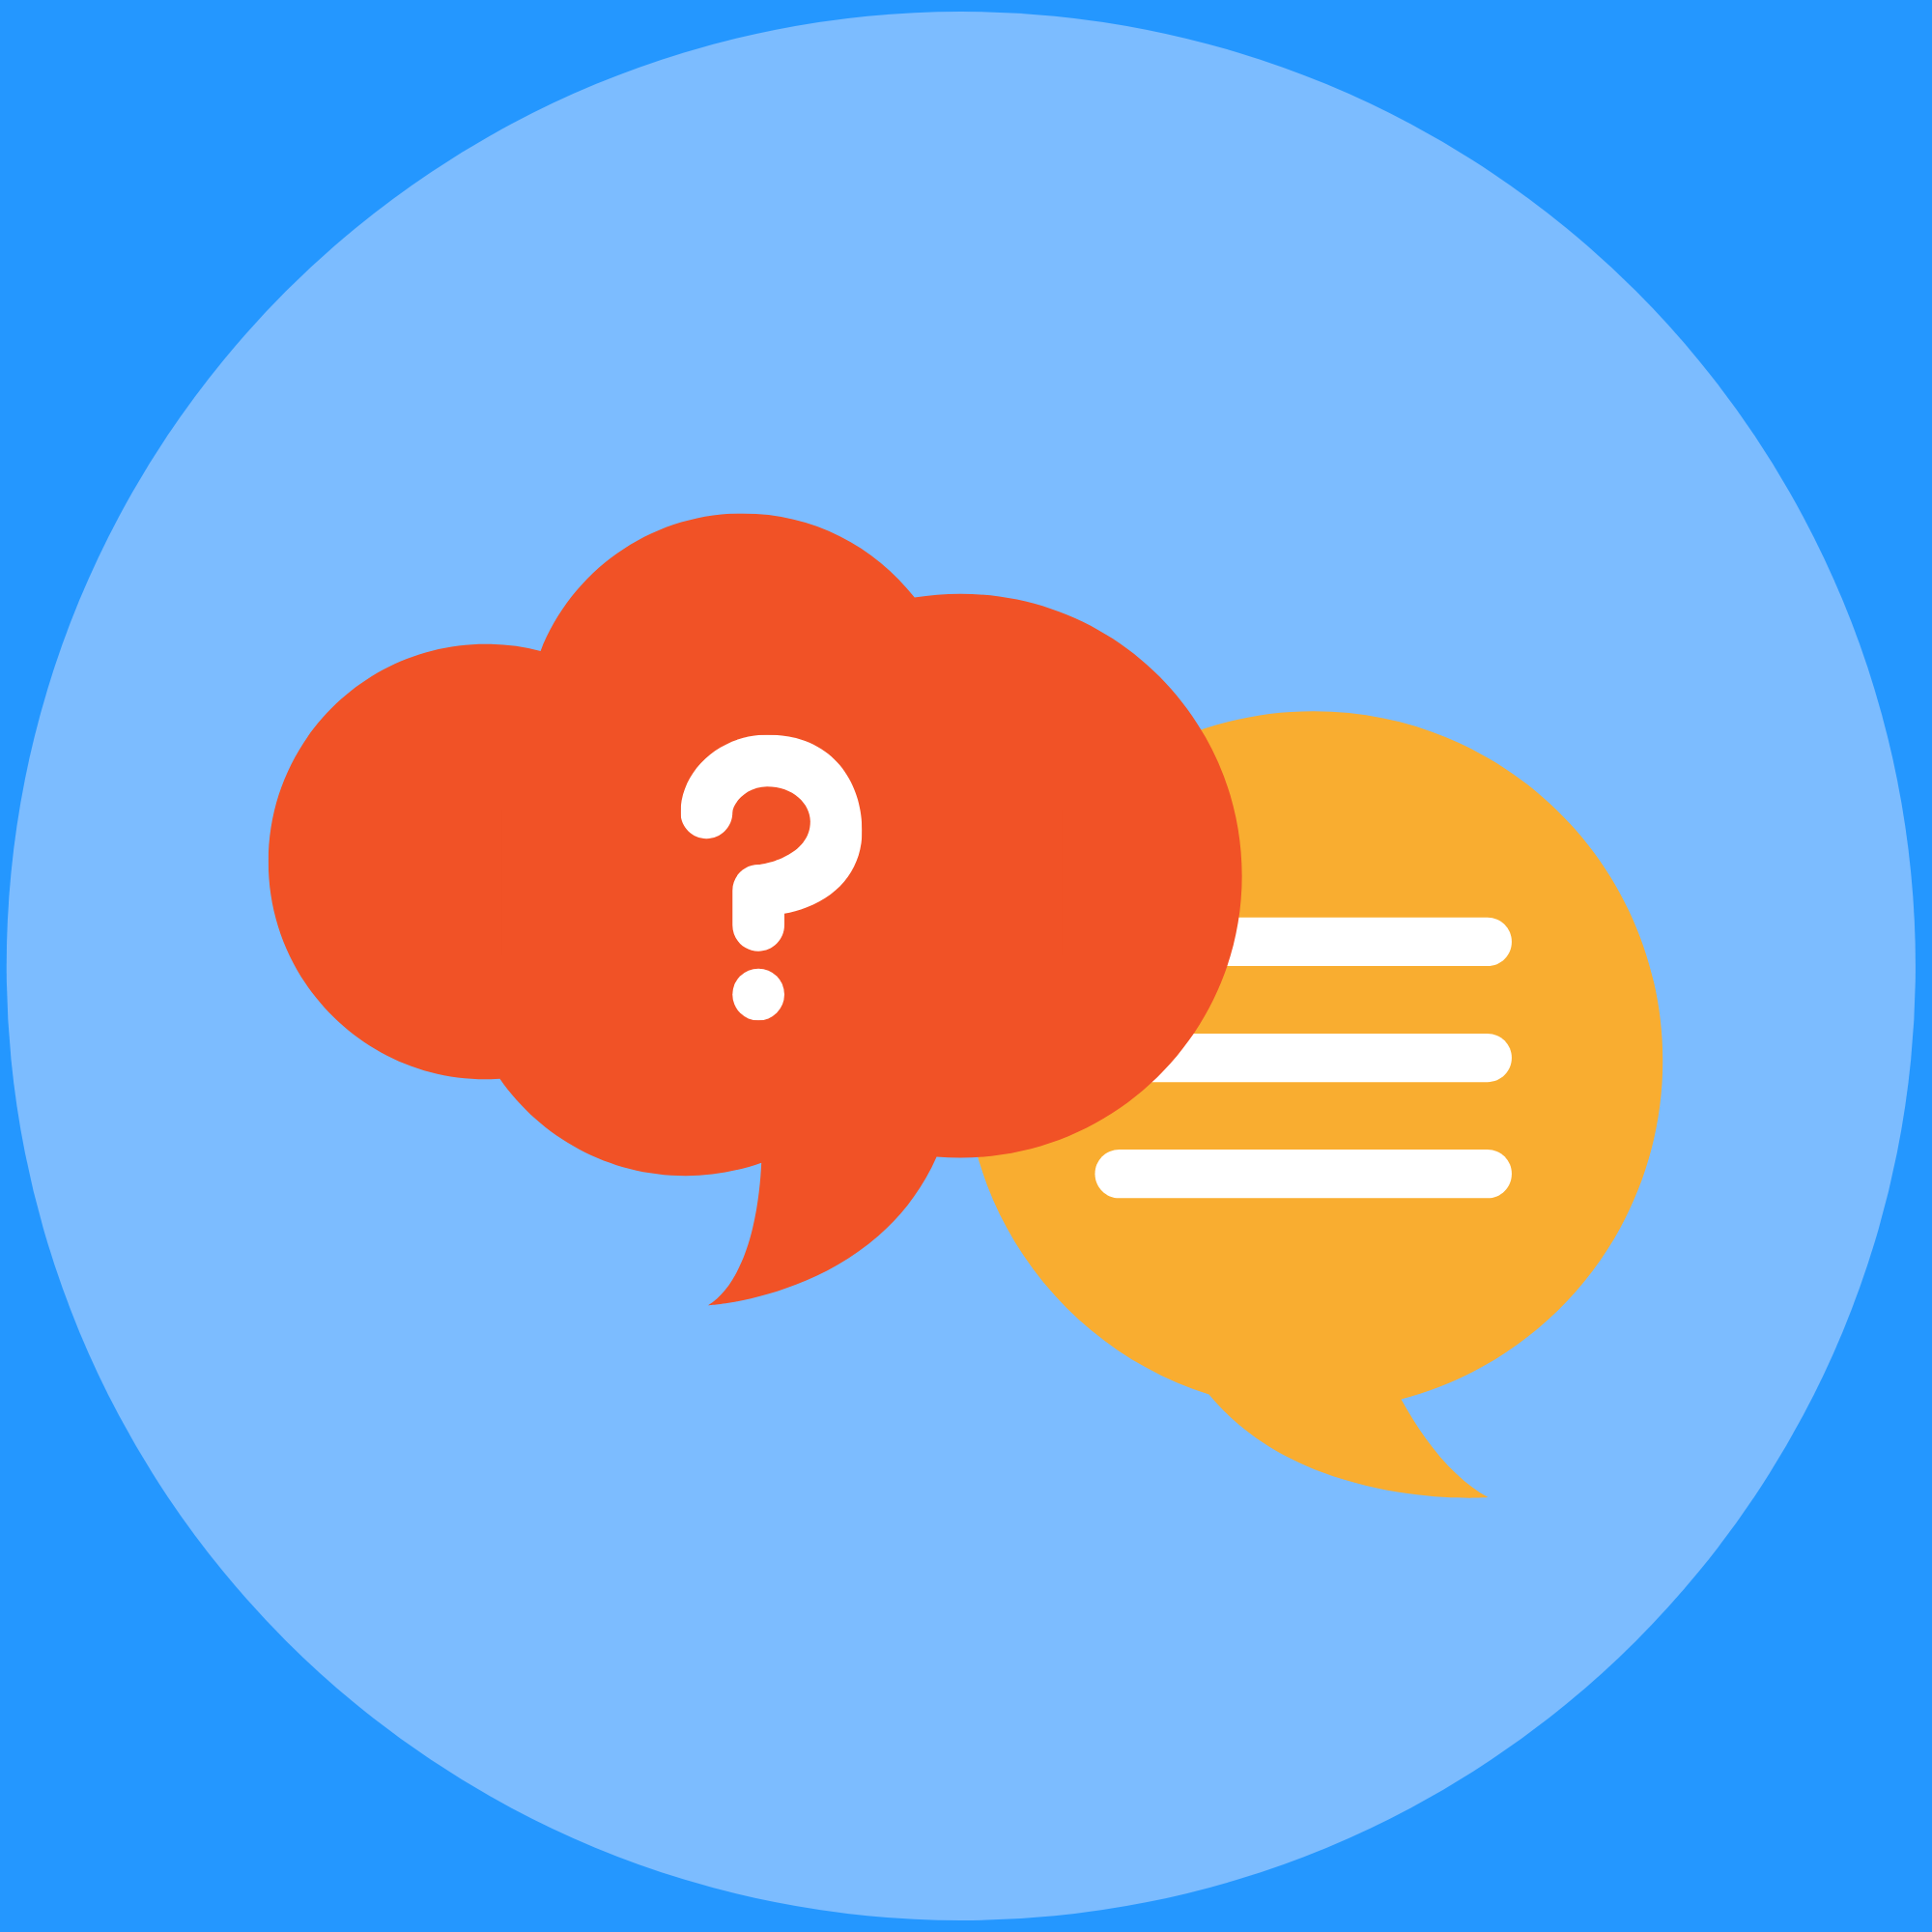 Notre partenaire ARAPL répond gratuitement à vos questions